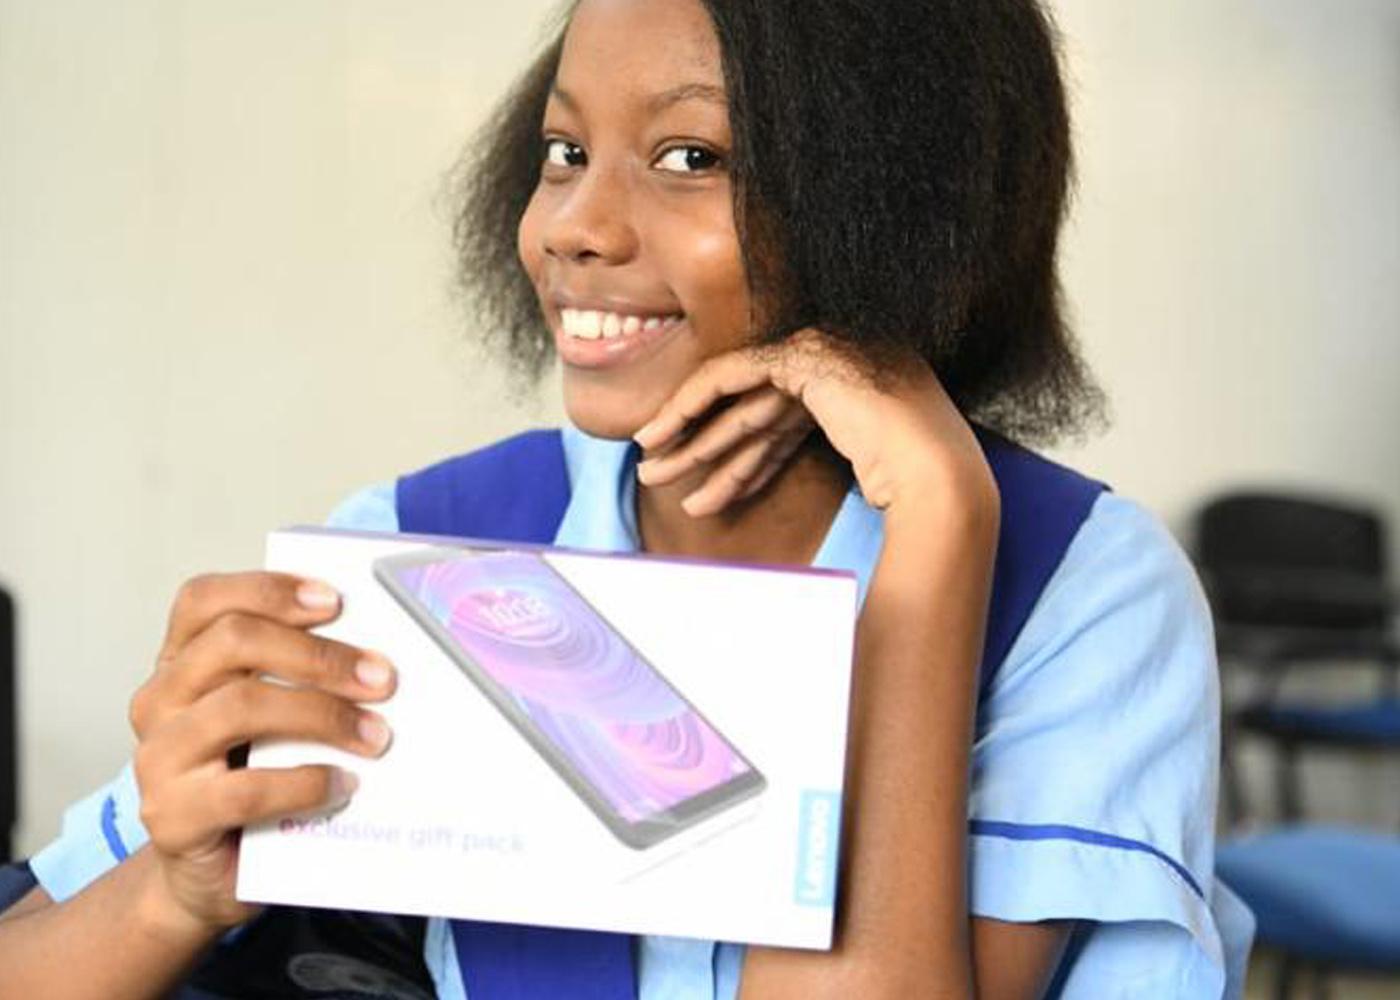 Niños, niñas y jóvenes de El Reposo en Quibdó, recibieron  tabletas para mejorar su educación